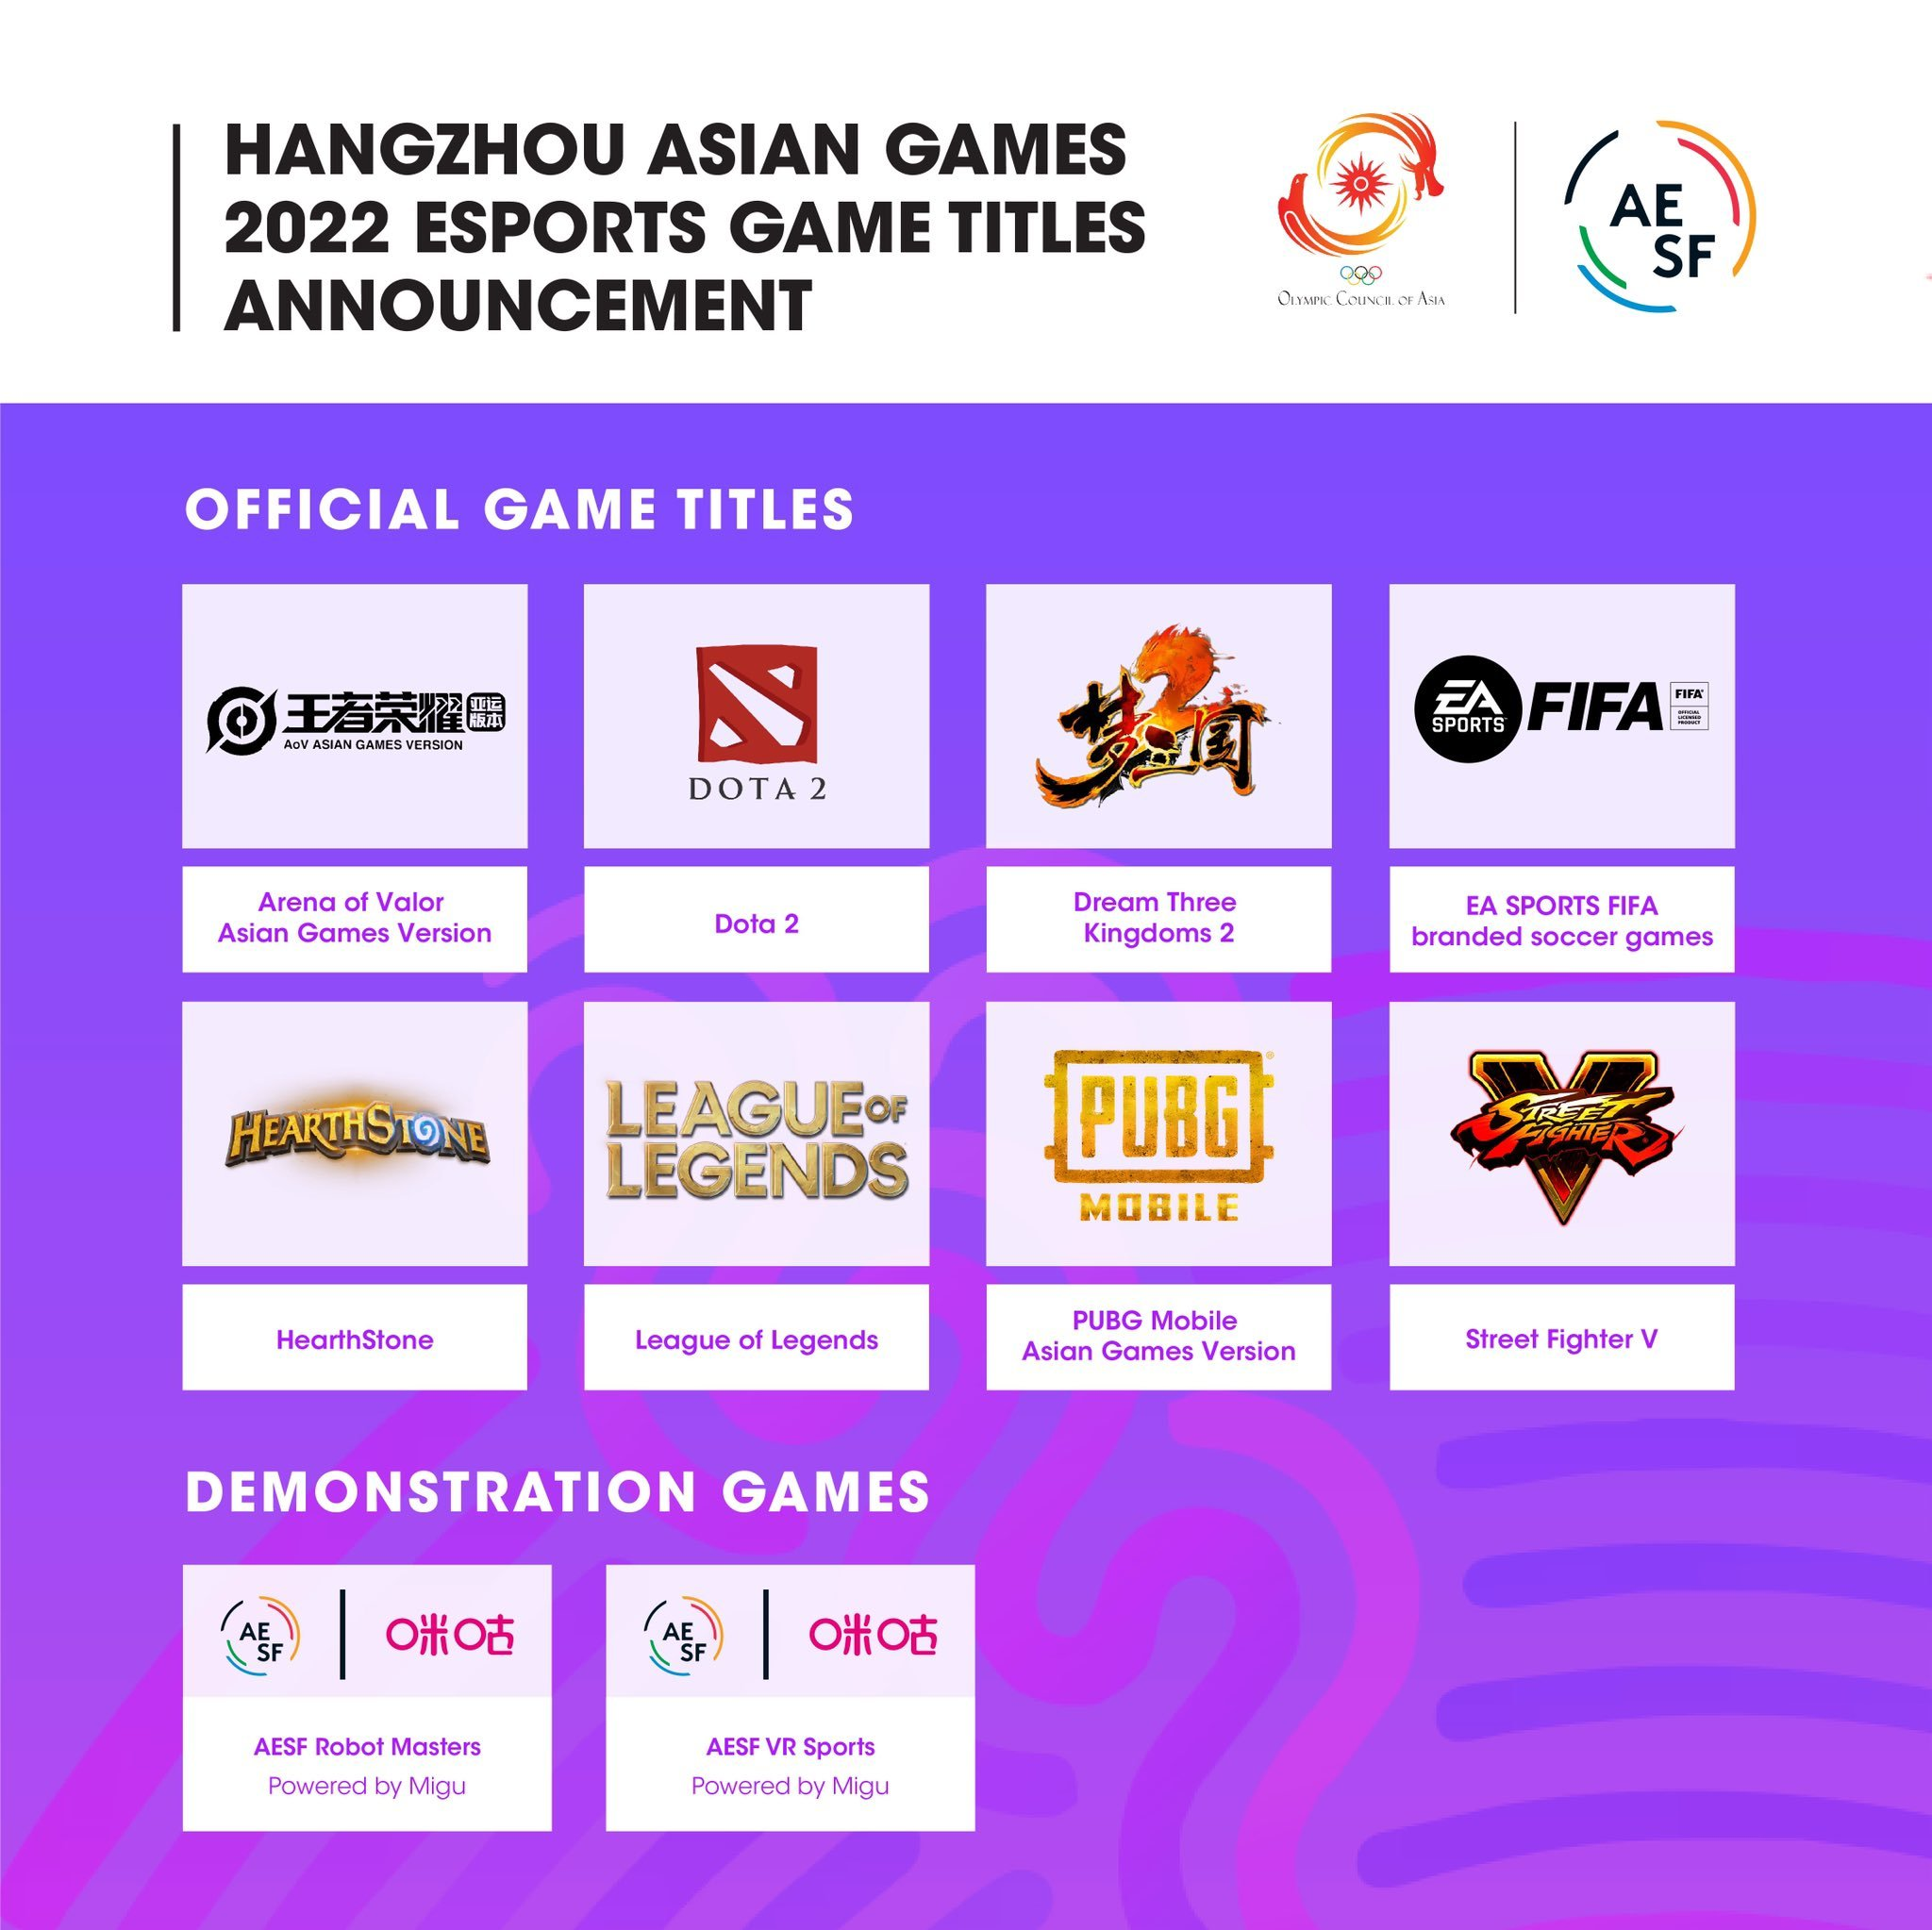 Esports lần đầu được đưa vào tranh huy chương ở Asian Games 2022